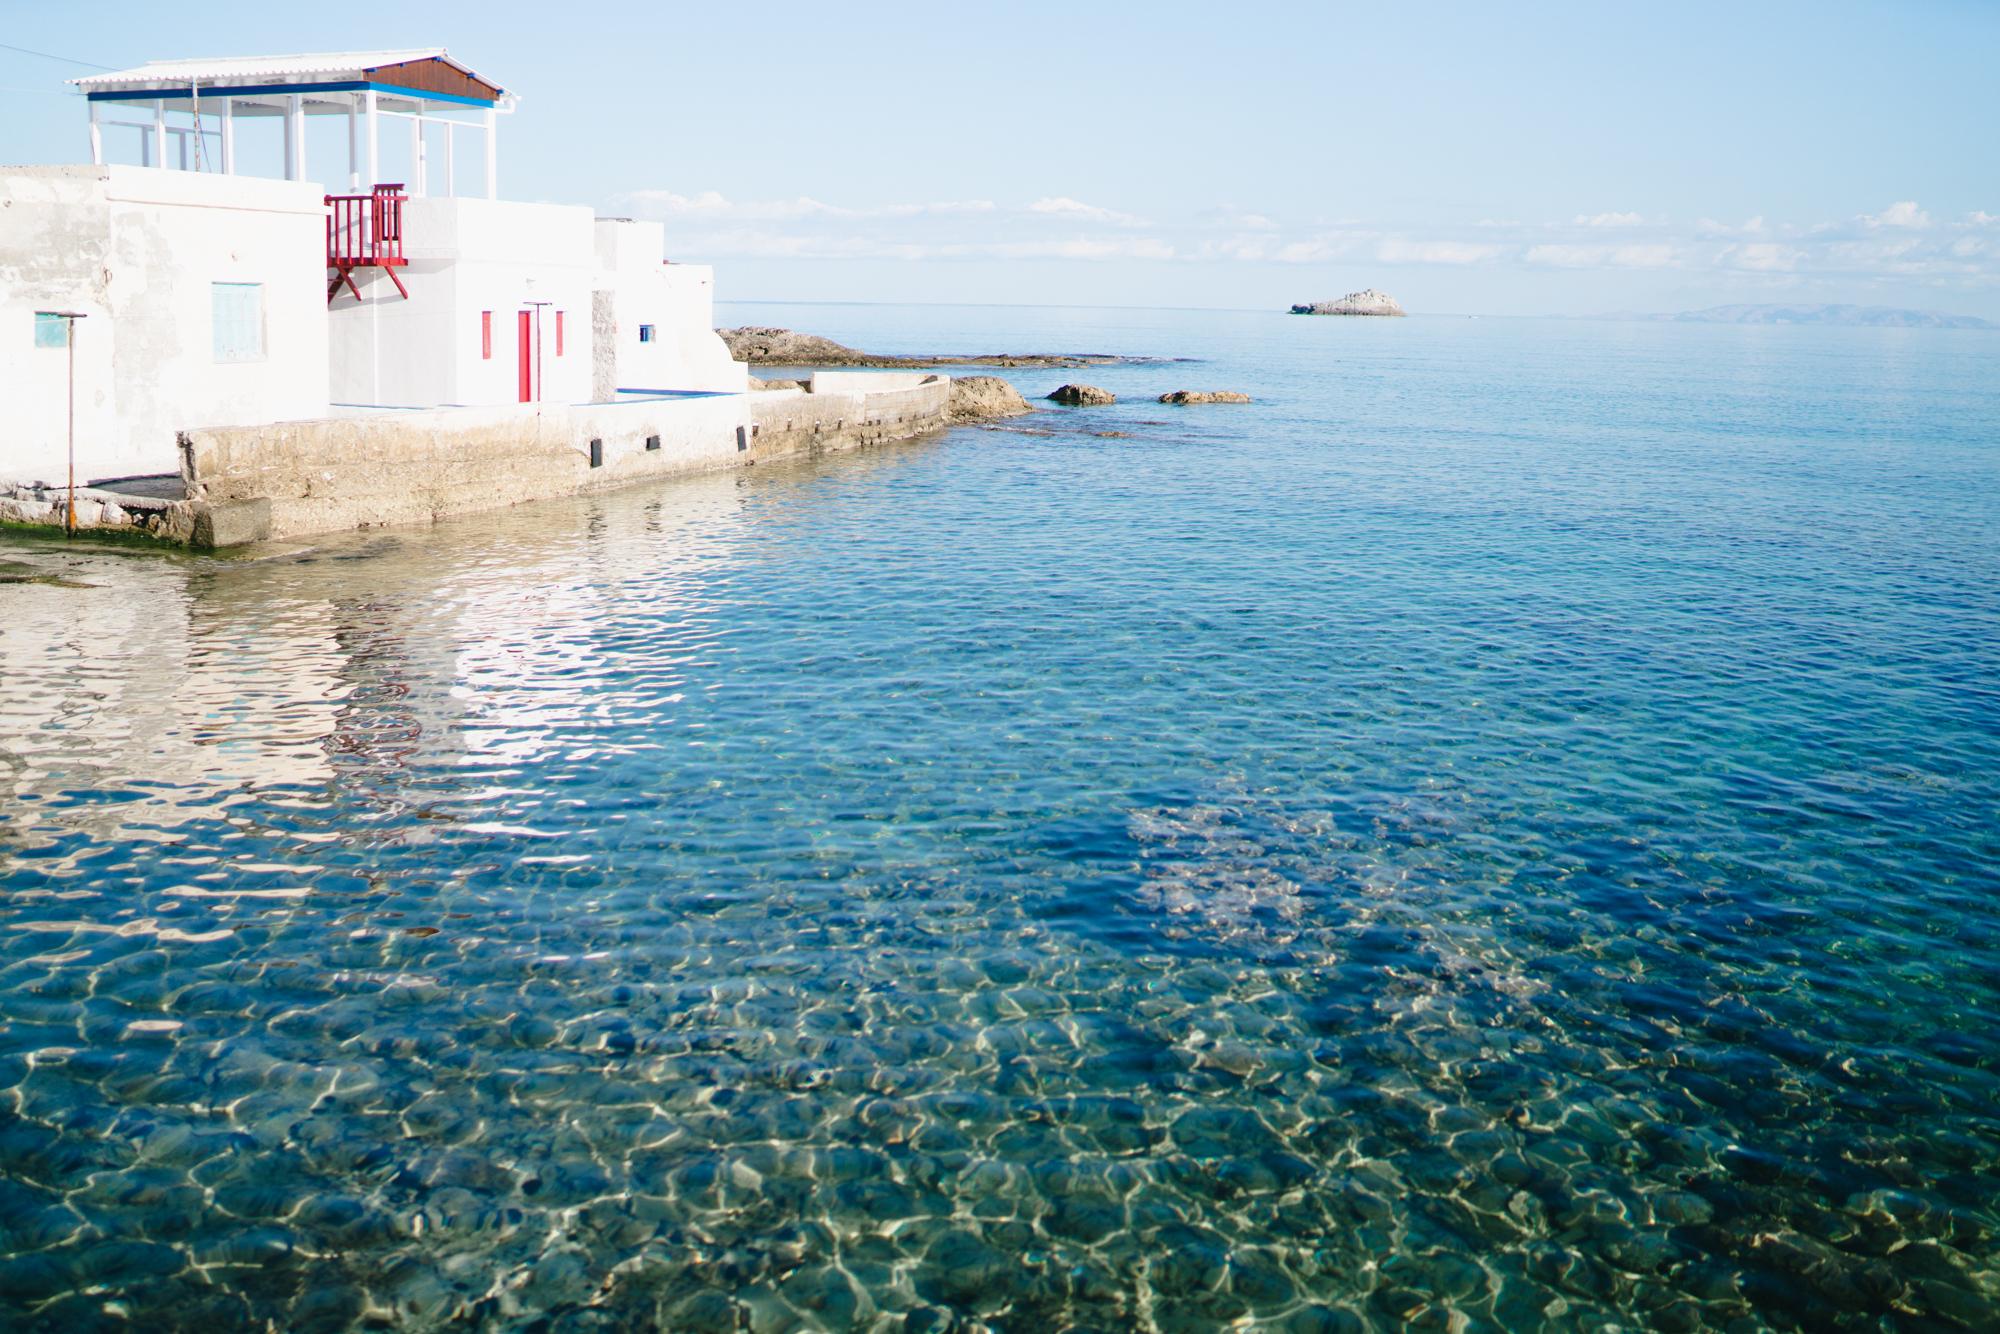 Clearest waters in Greece